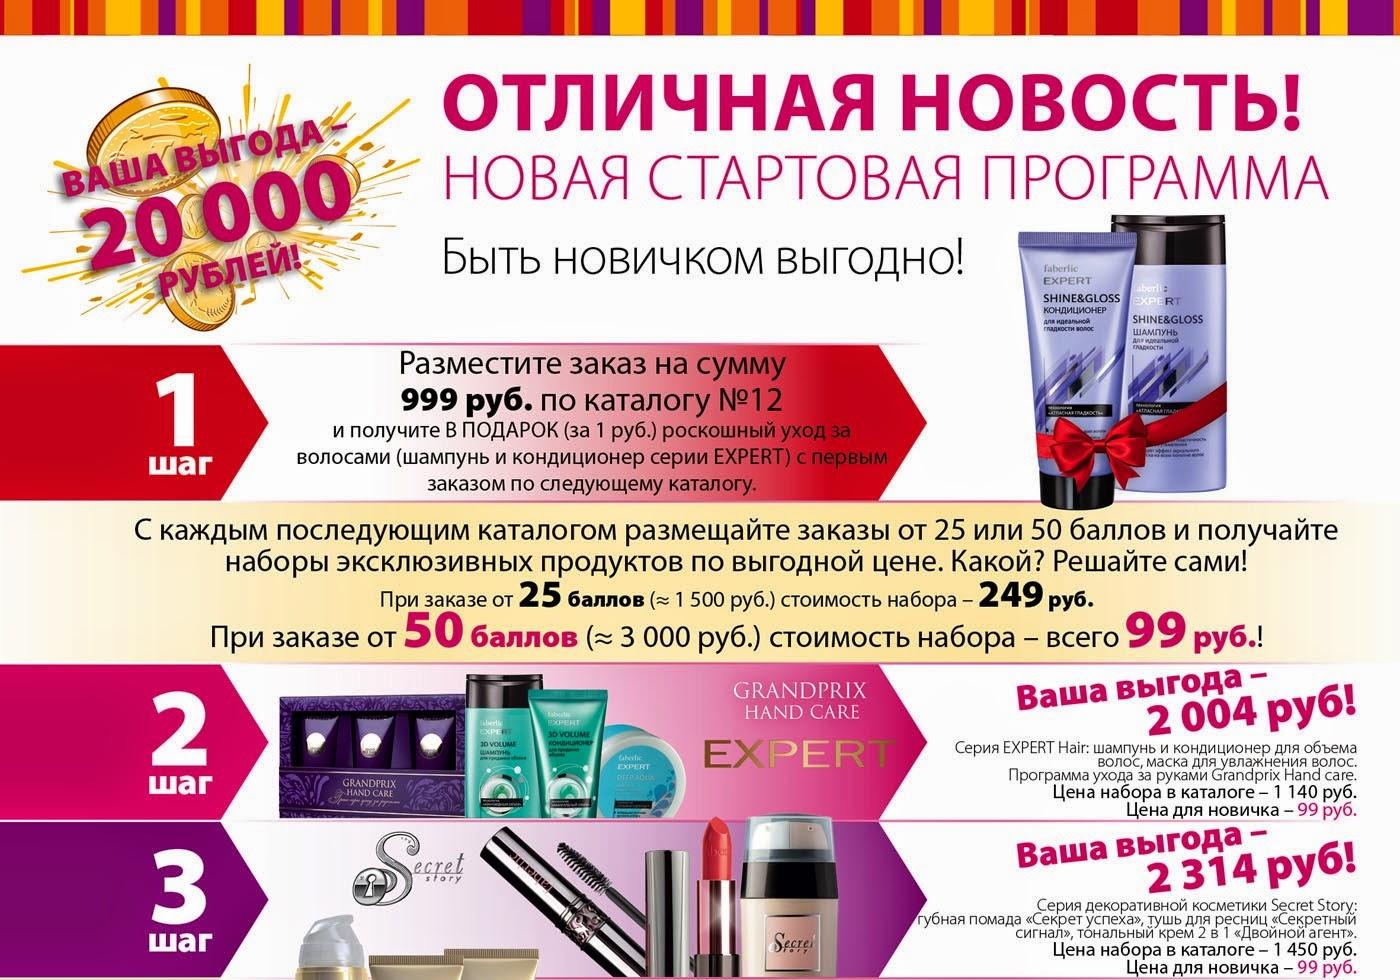 Фаберлик 3000 руб в подарок 100